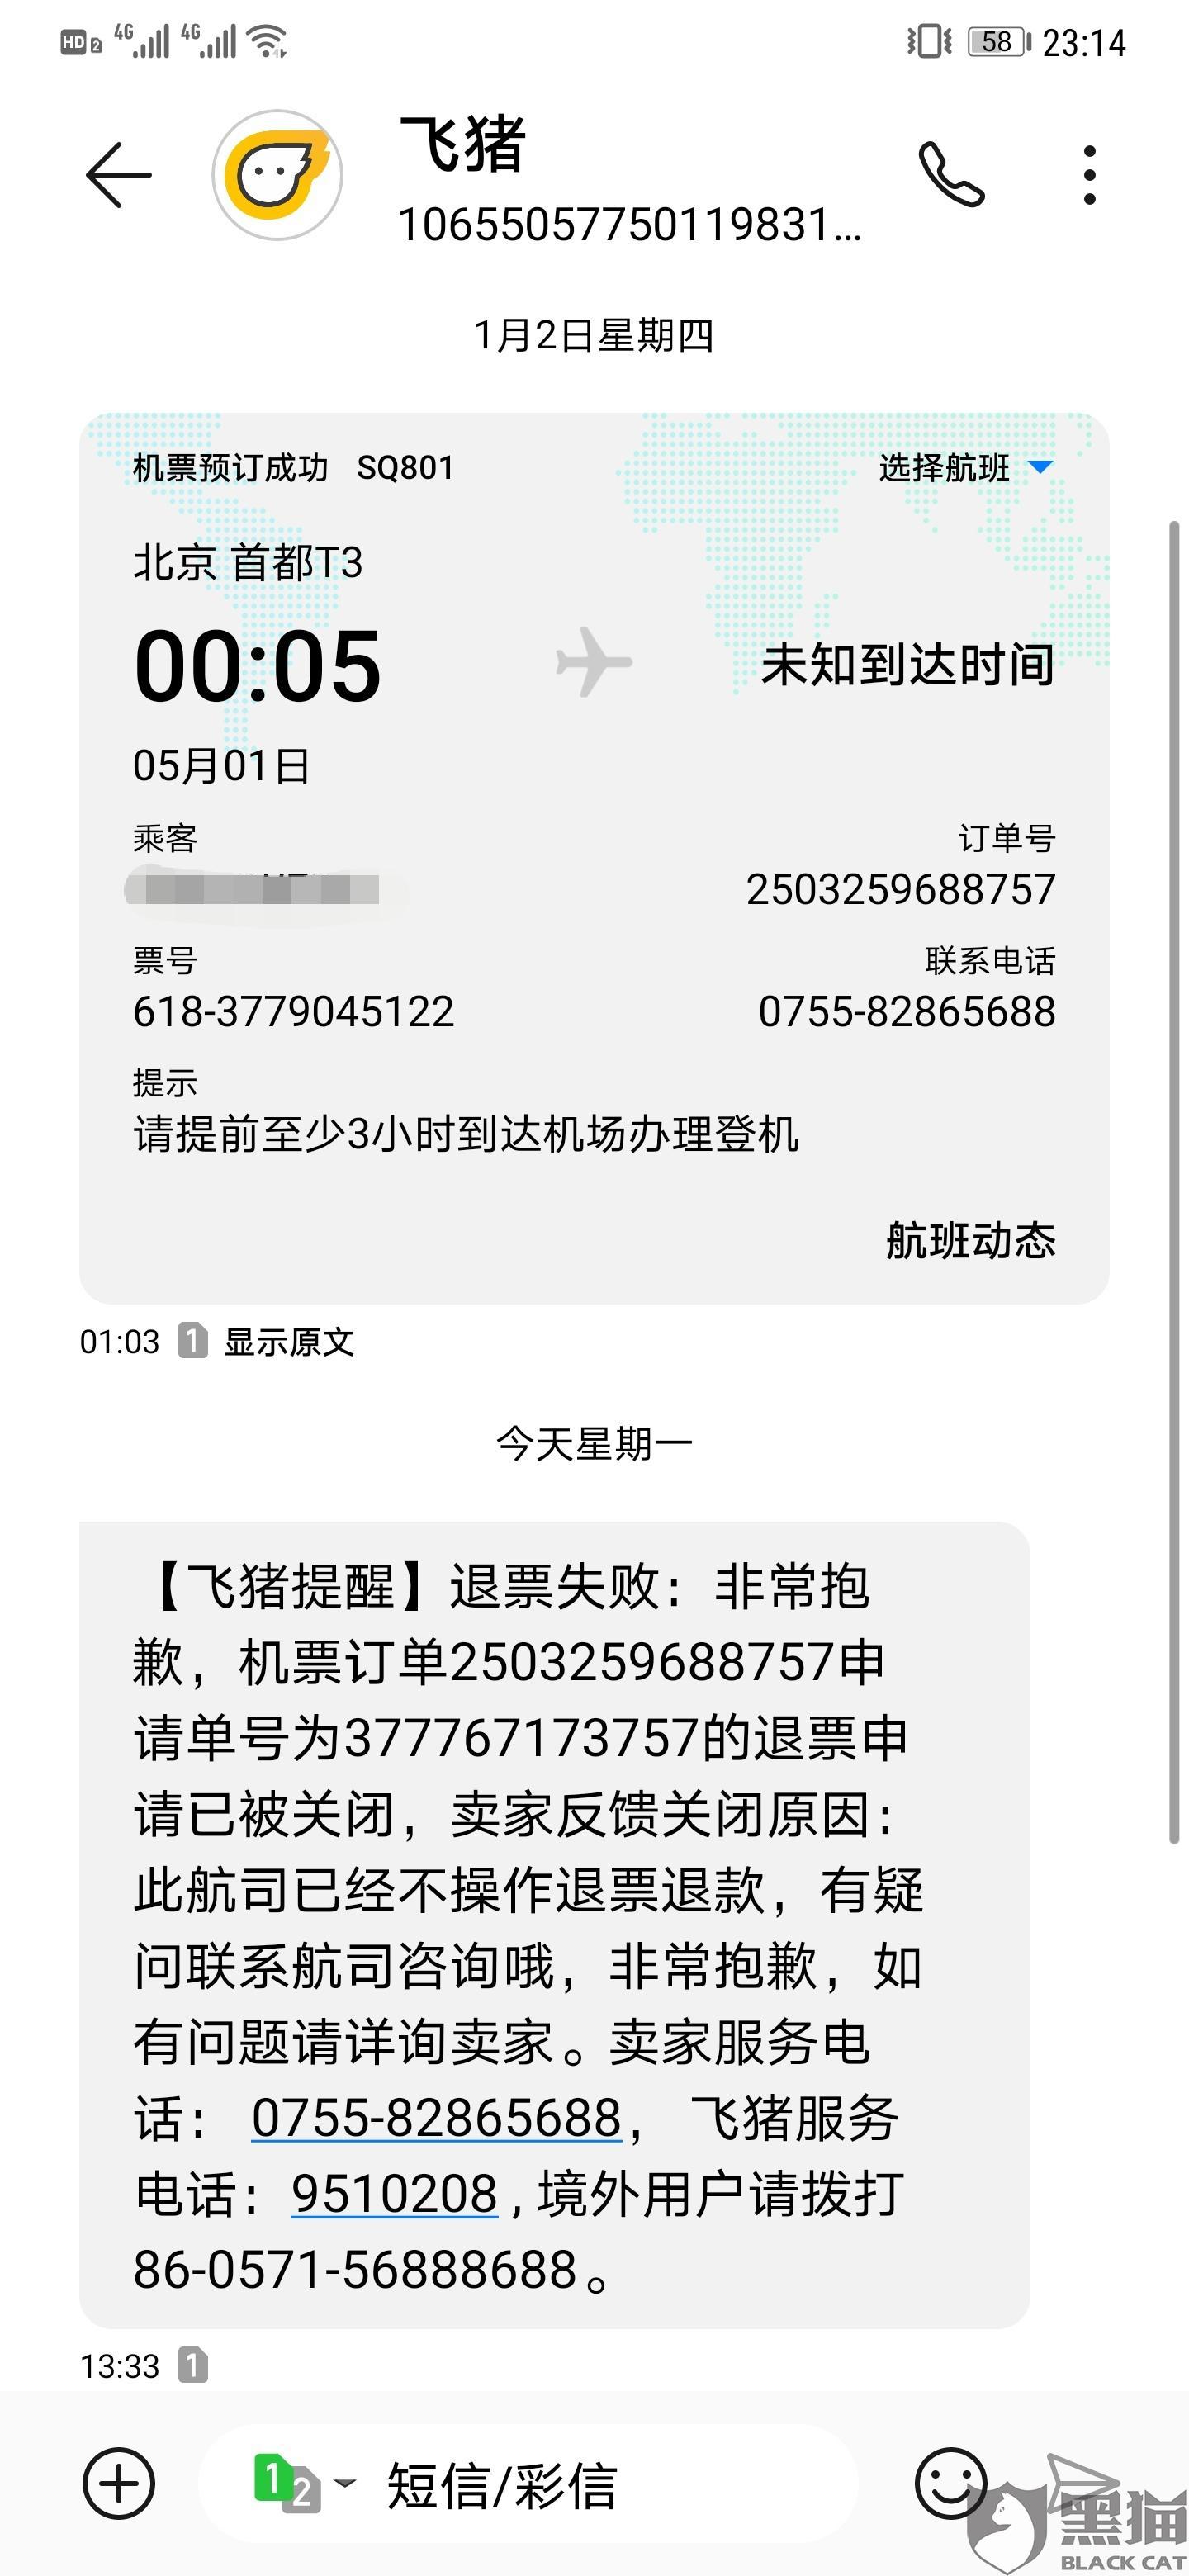 黑猫投诉:飞猪平台达志诚航空多次拒不退款符合新冠肺炎退票政策的机票